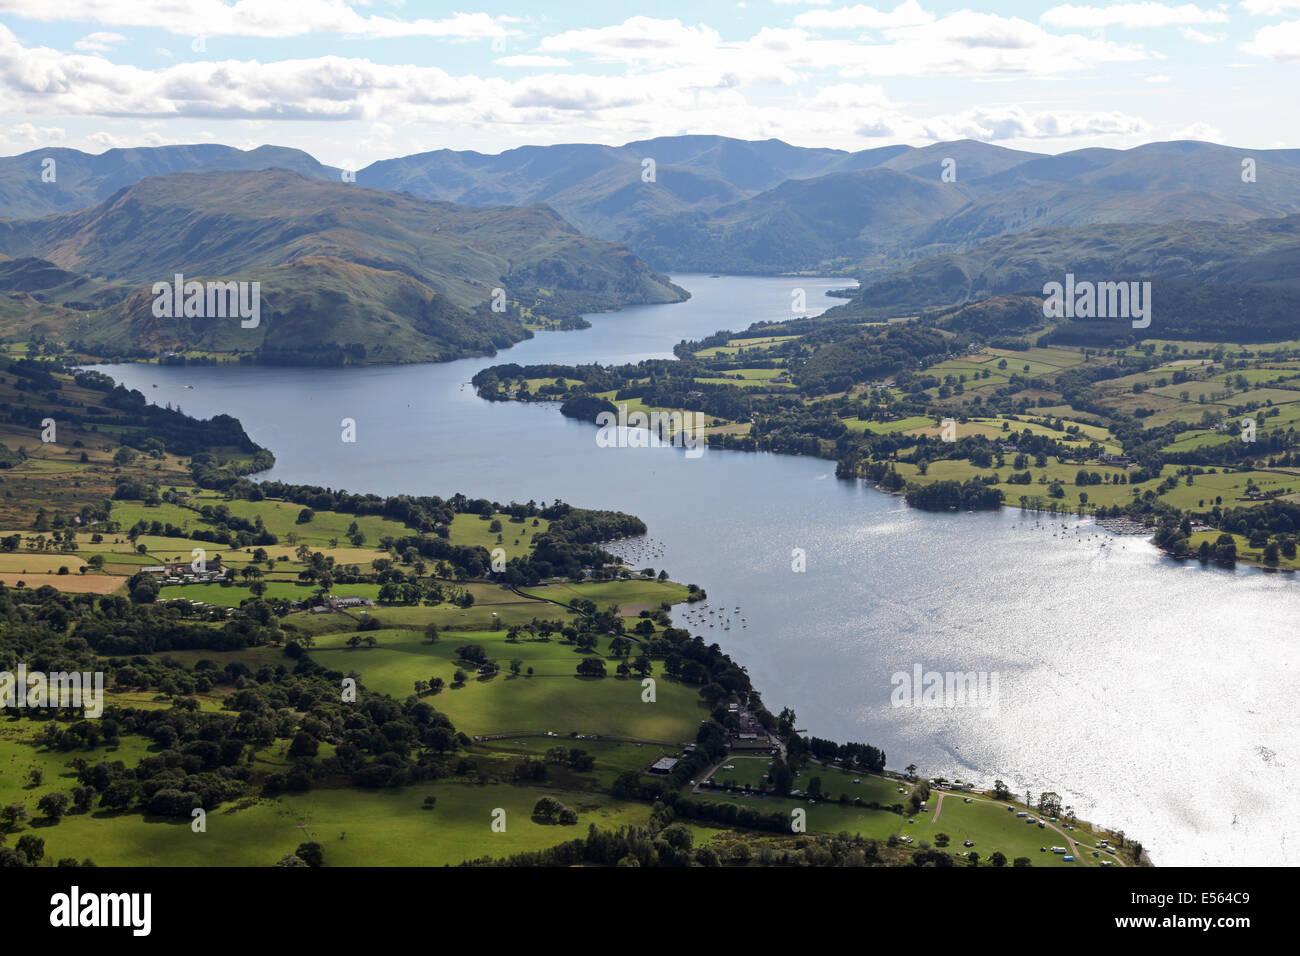 Vista aérea del lago Ullswater en el Lake District, RU Imagen De Stock